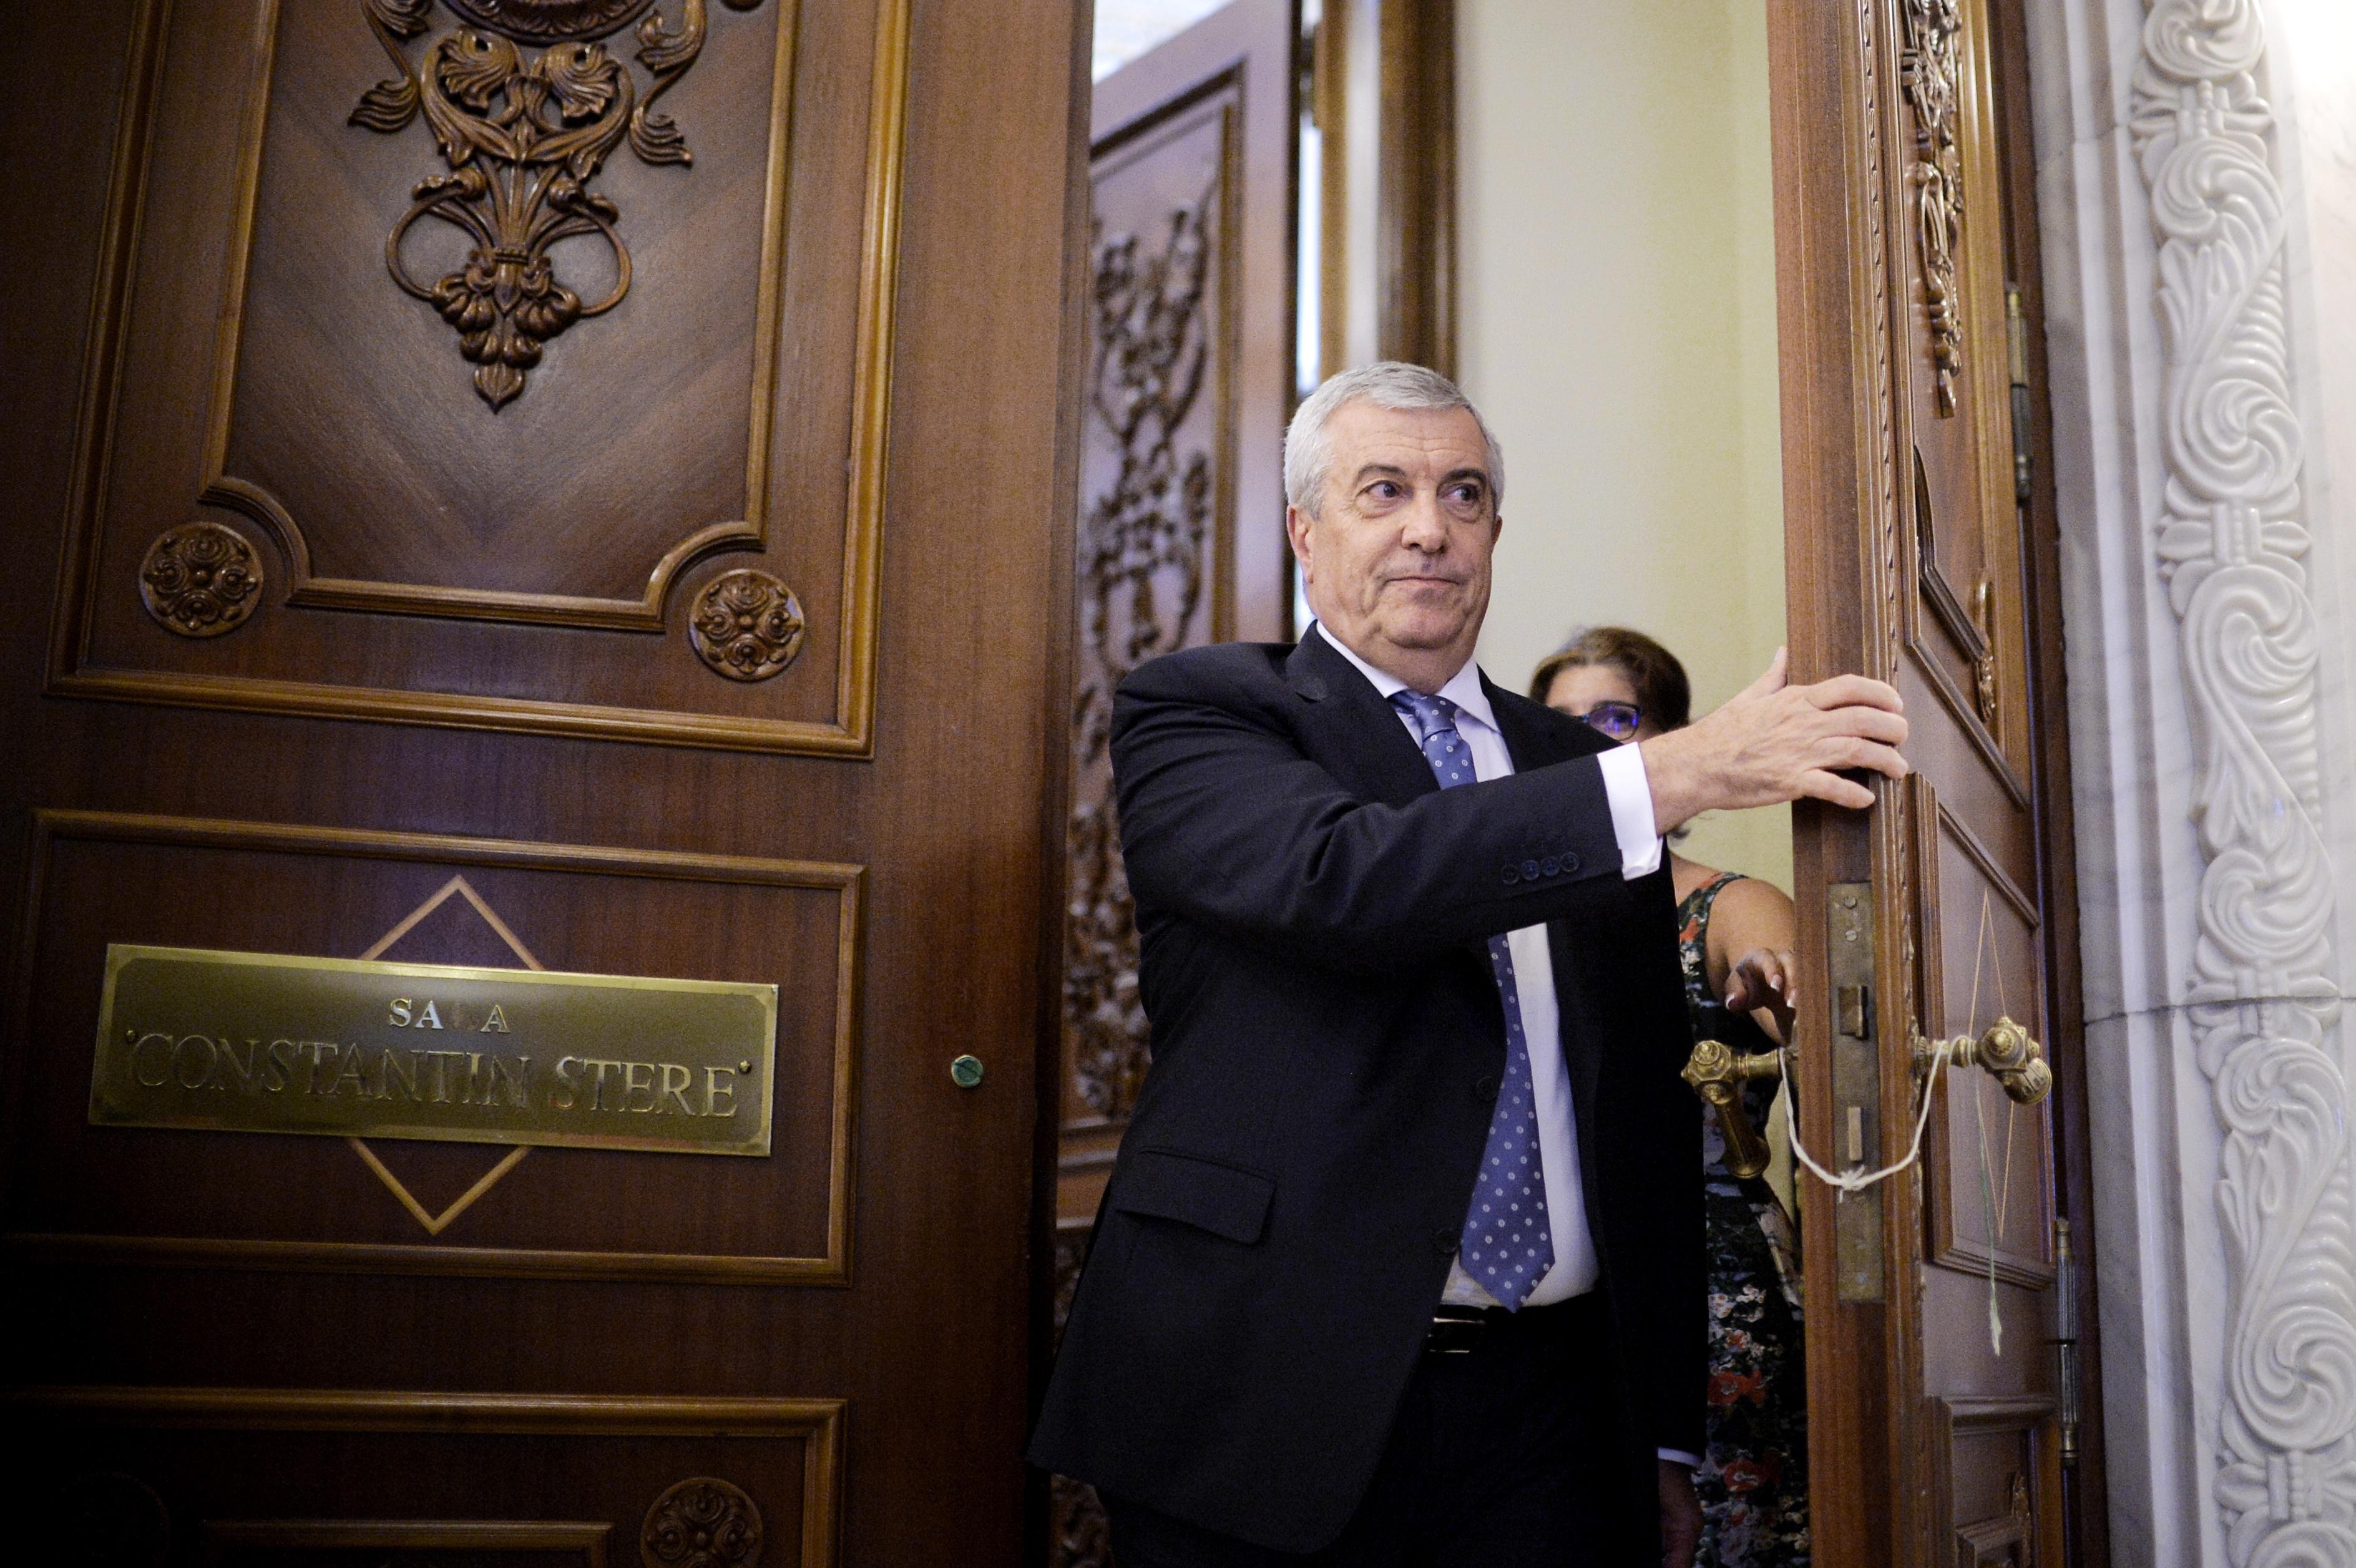 Tăriceanu: időszerűnek tartom, hogy az állami munkahelyekre 2018-ban se lehessen senkit felvenni